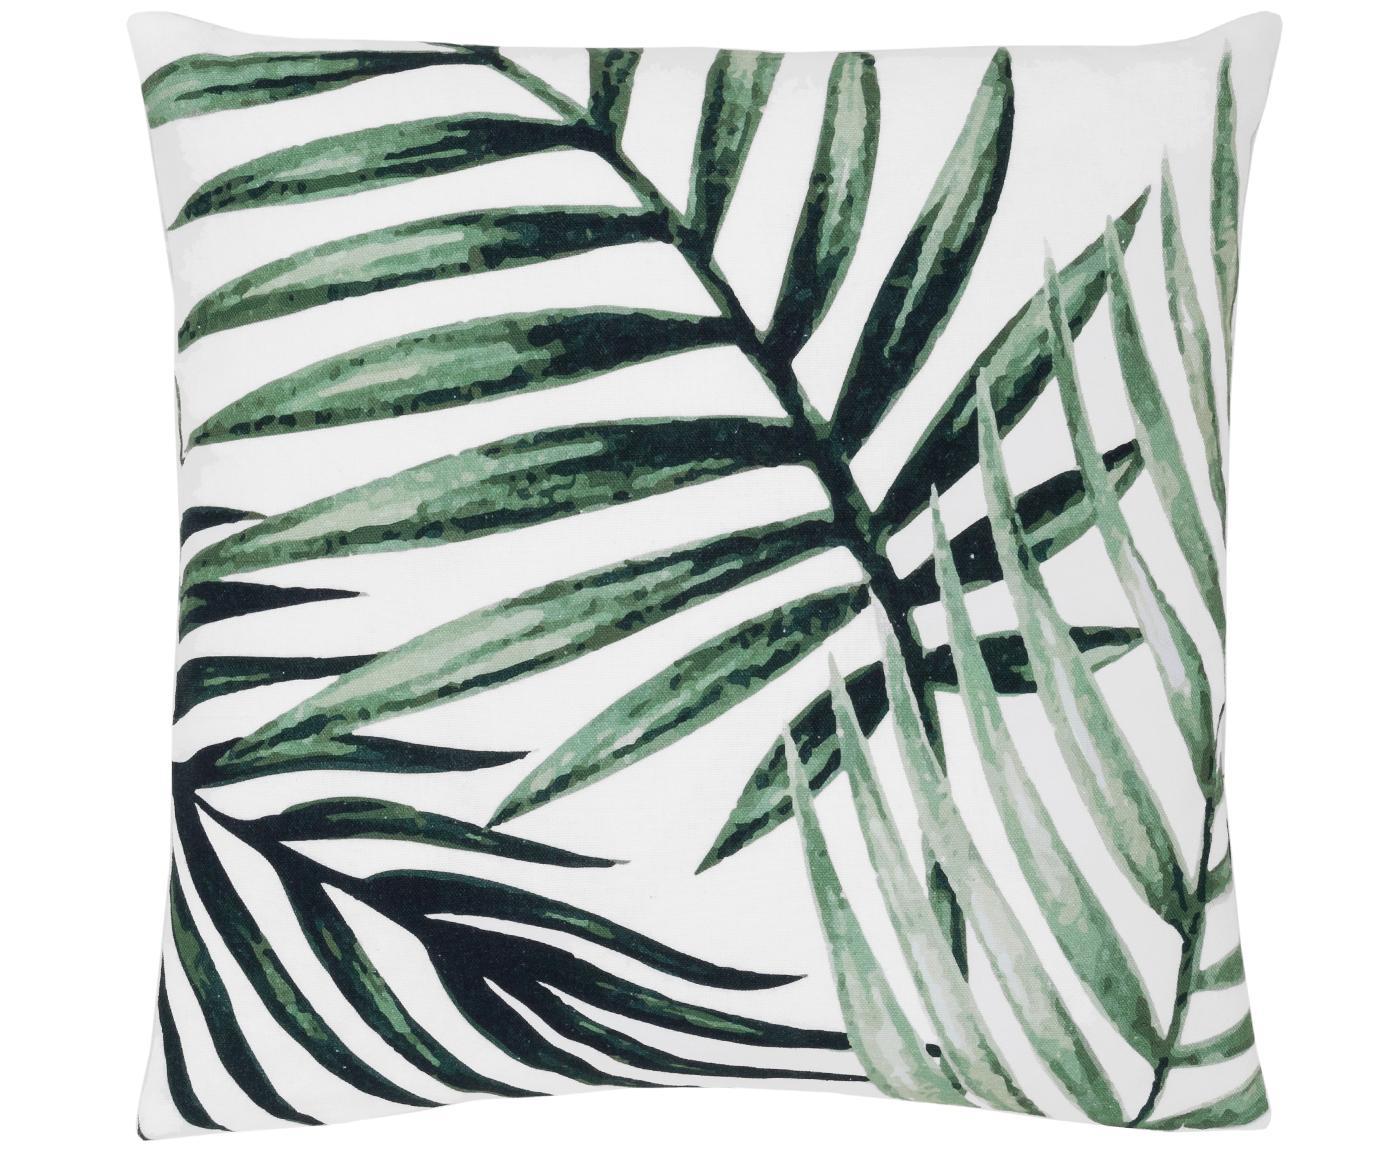 Kussenhoes Coast met bladpatroon, 100% katoen, Groen, wit, 50 x 50 cm